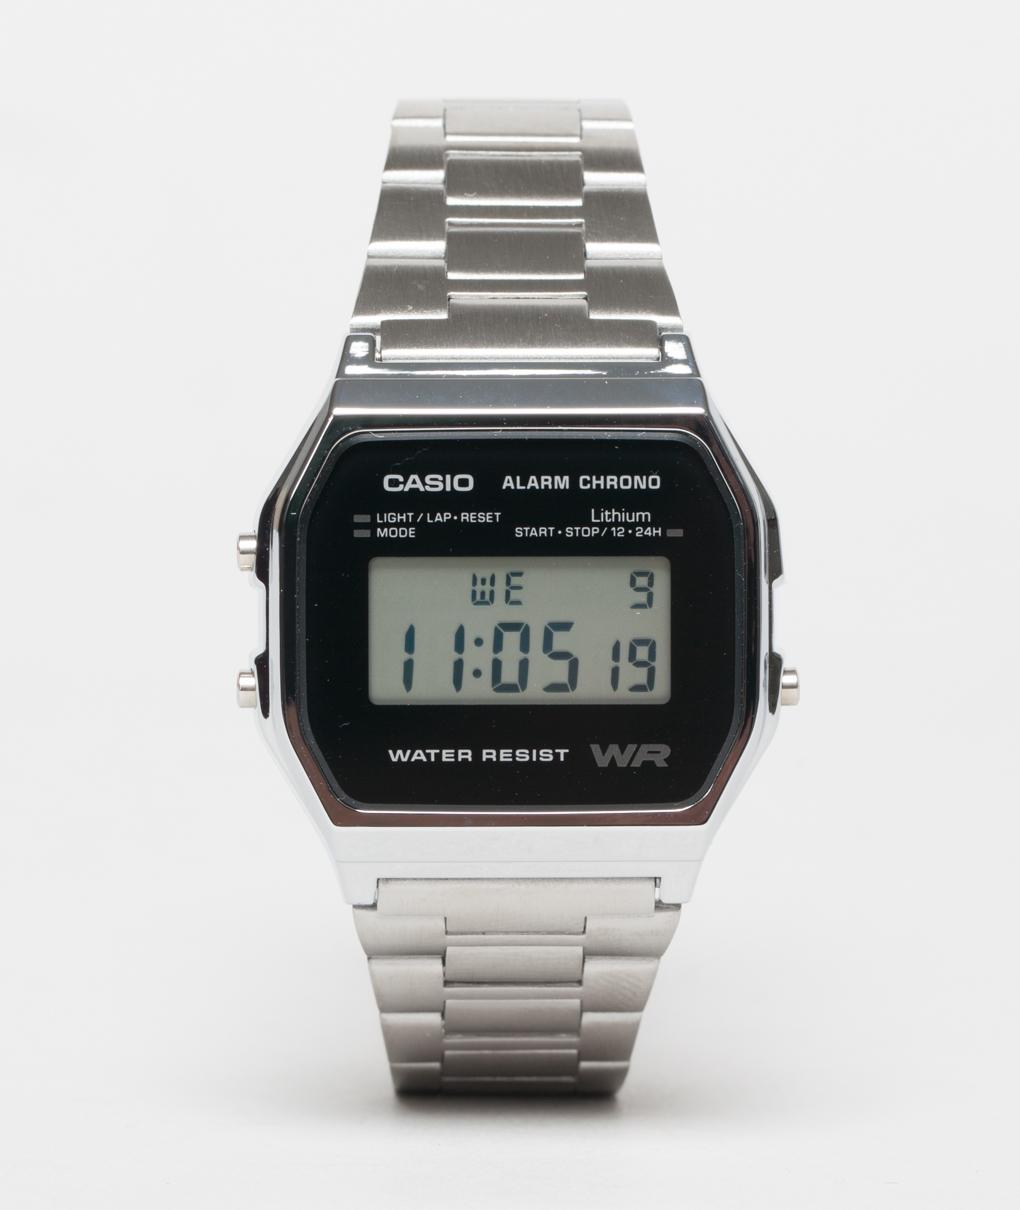 Reloj casio collection digital clásico retro A158WEA-1EF